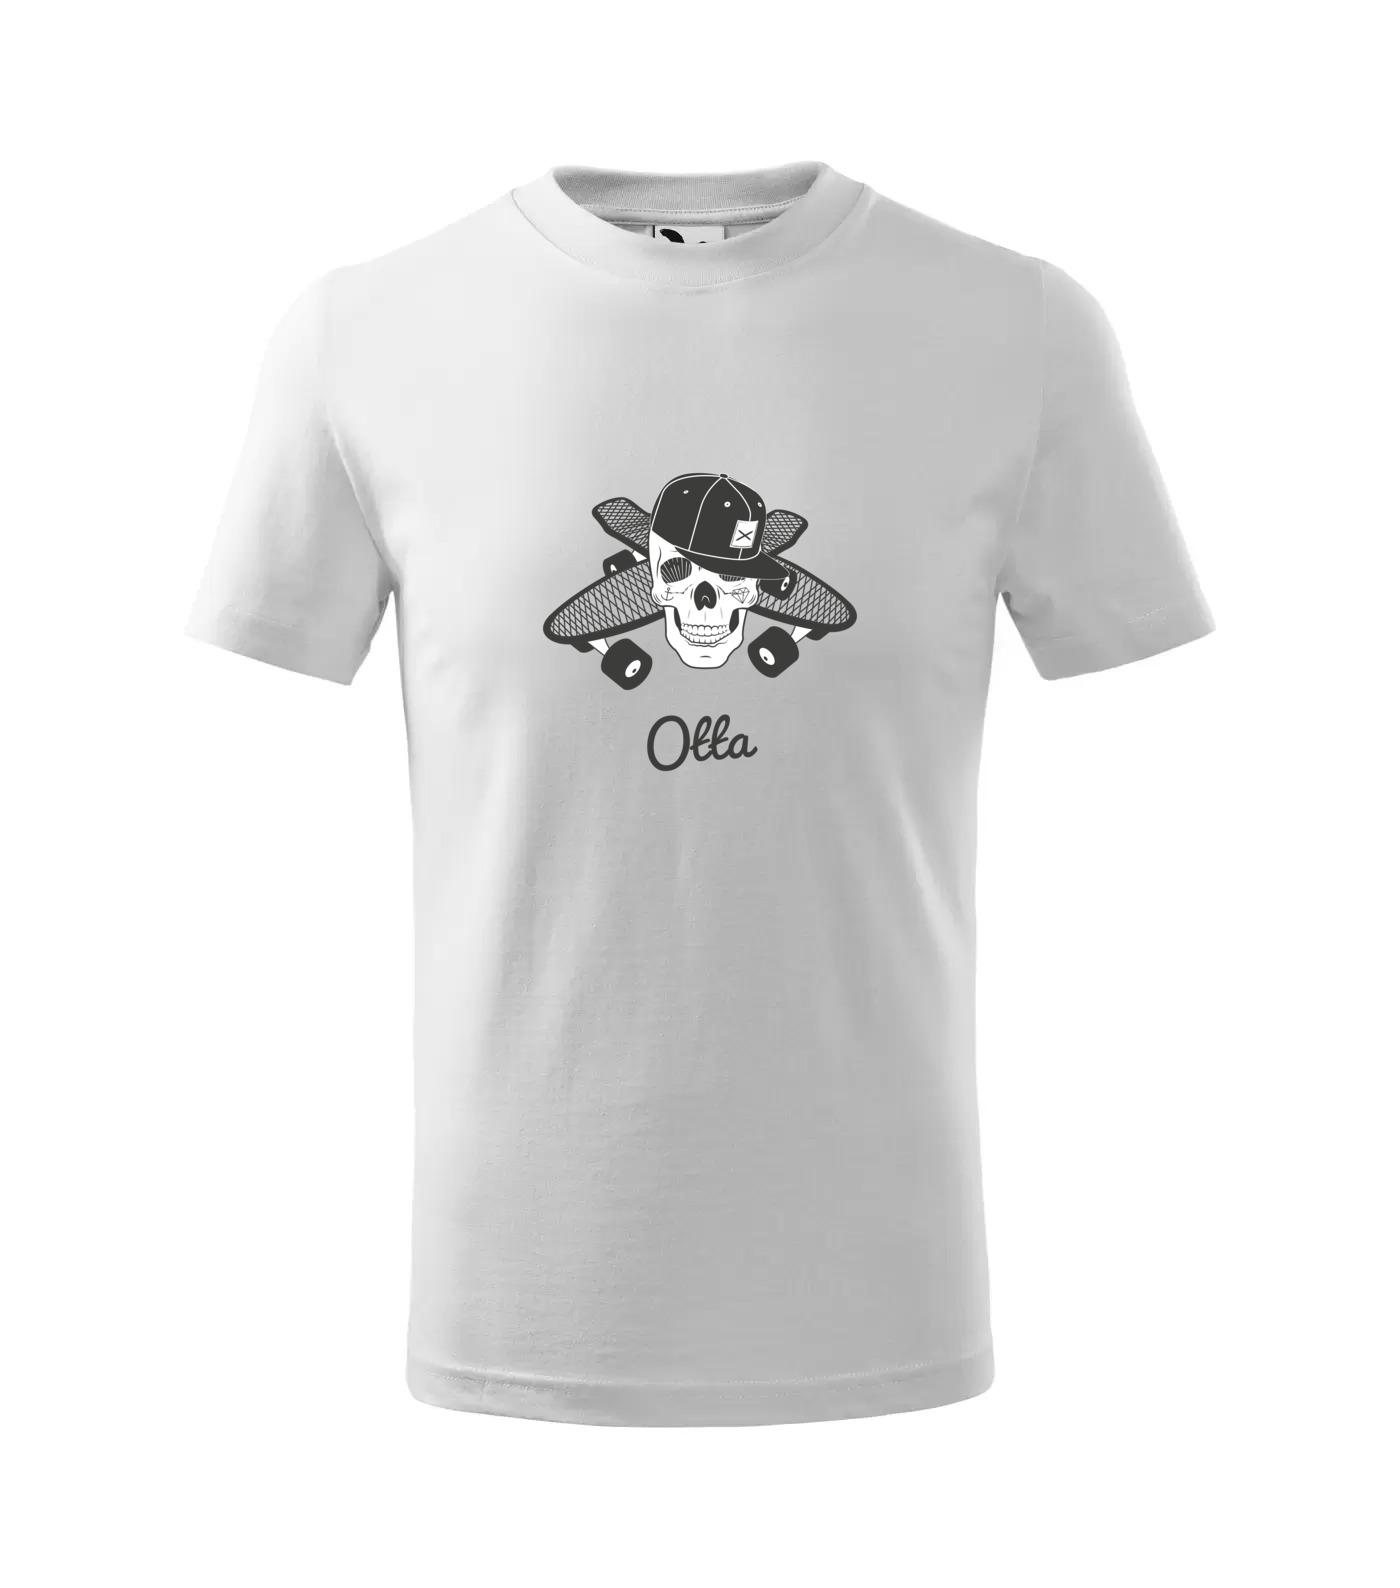 Tričko Skejťák Otta